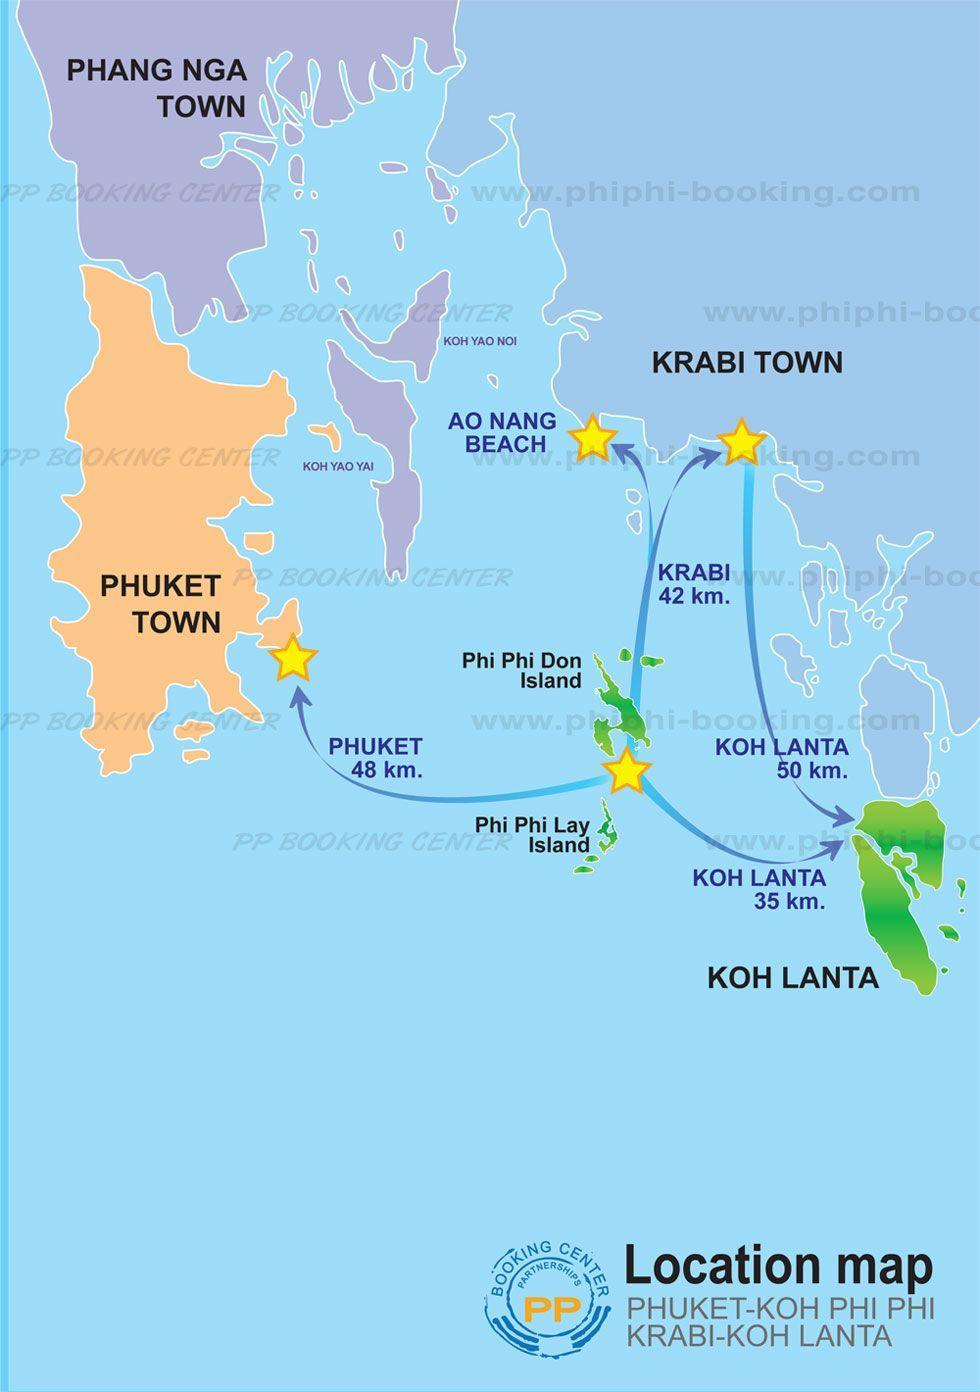 e2d4b4804c5392758242b2ced1878dbd - How To Get From Phi Phi To Koh Lanta